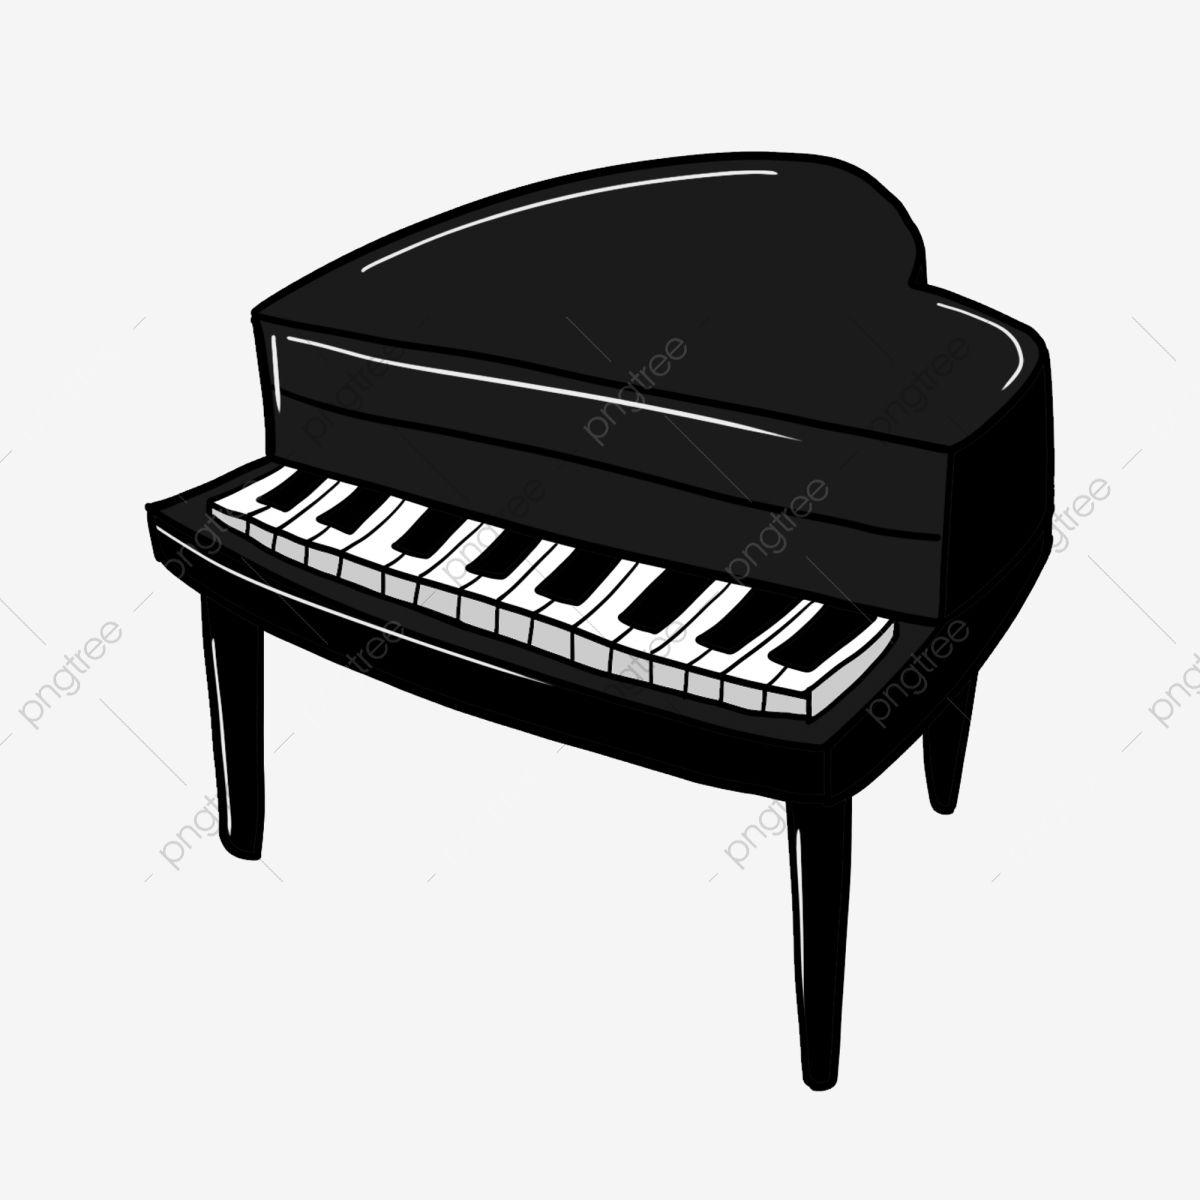 gambar piano hitam alat muzik hitam putih bermain piano piano hitam kartun ilustrasi piano hitam png dan psd untuk in 2020 black piano piano black and white cartoon pinterest